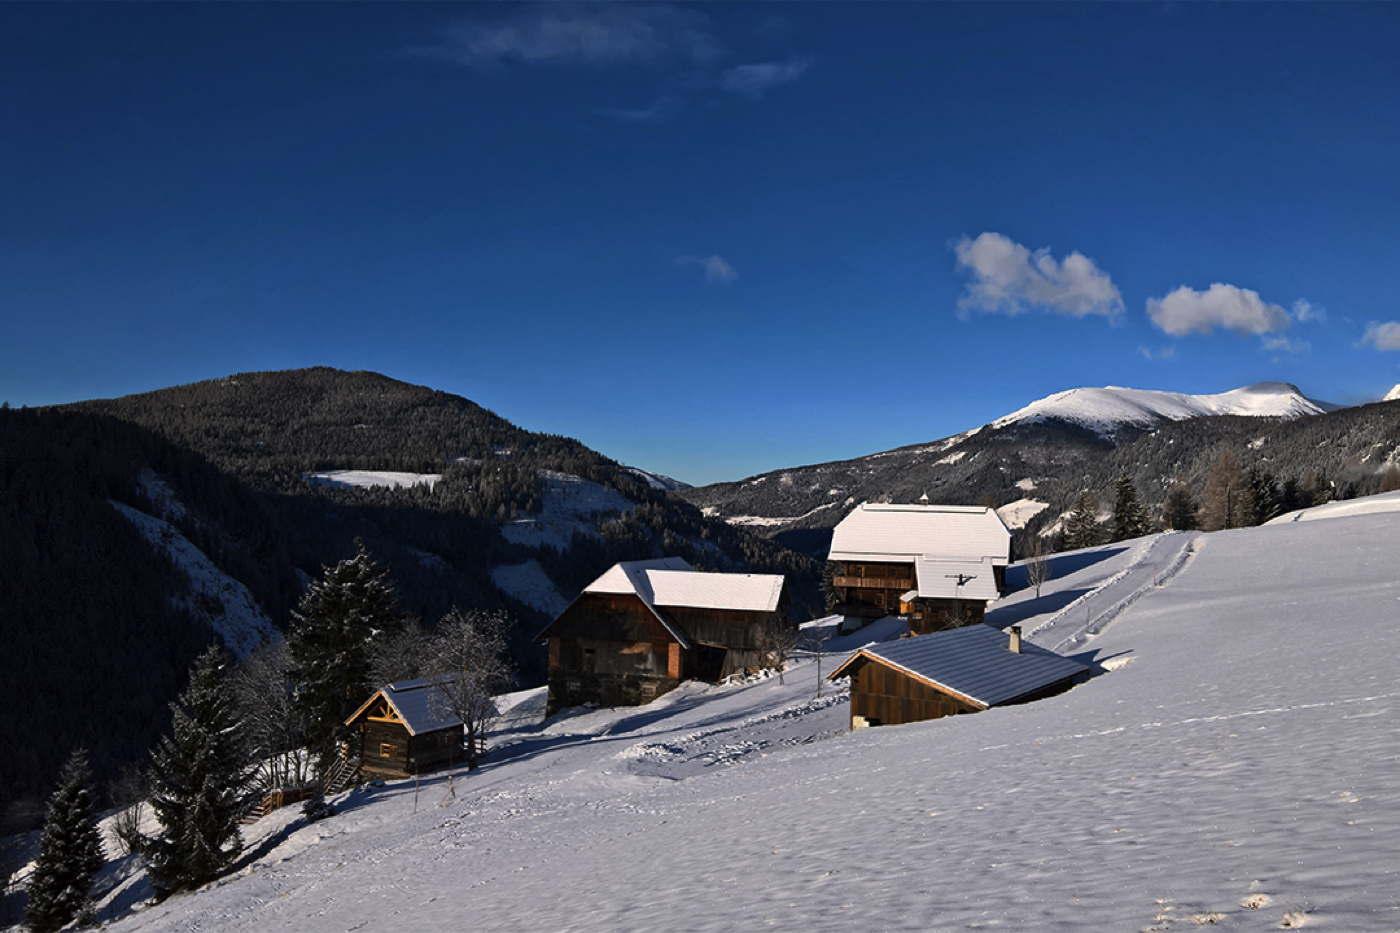 Chalet Sankt Lorenzen